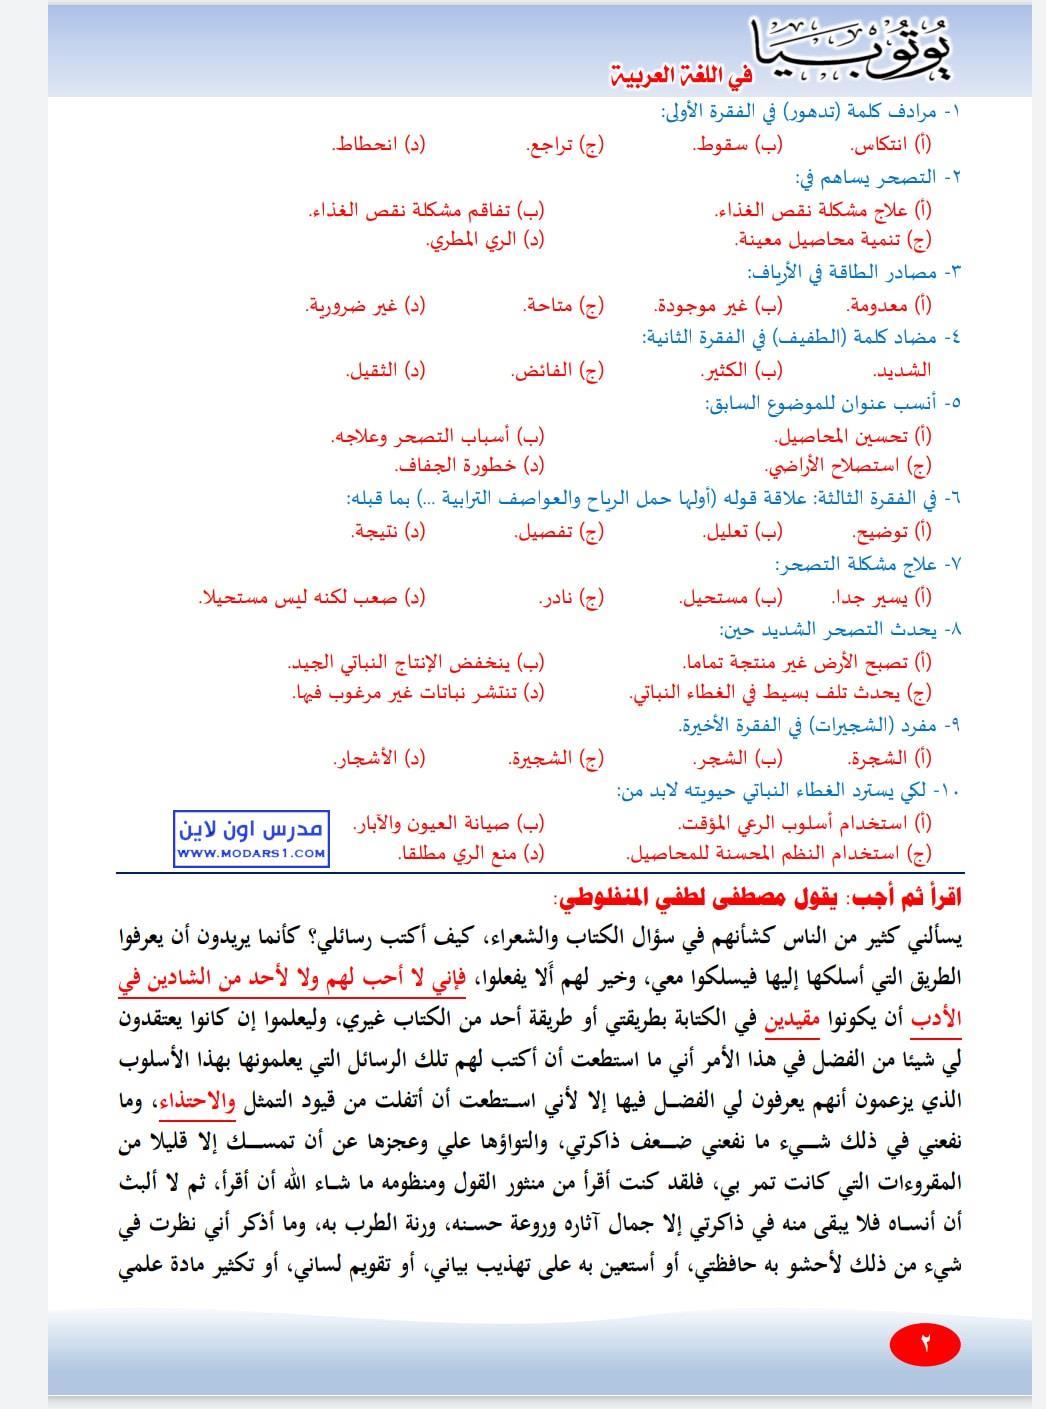 امتحان لغة عربية 3 ثانوي 2021 نظام جديد 2